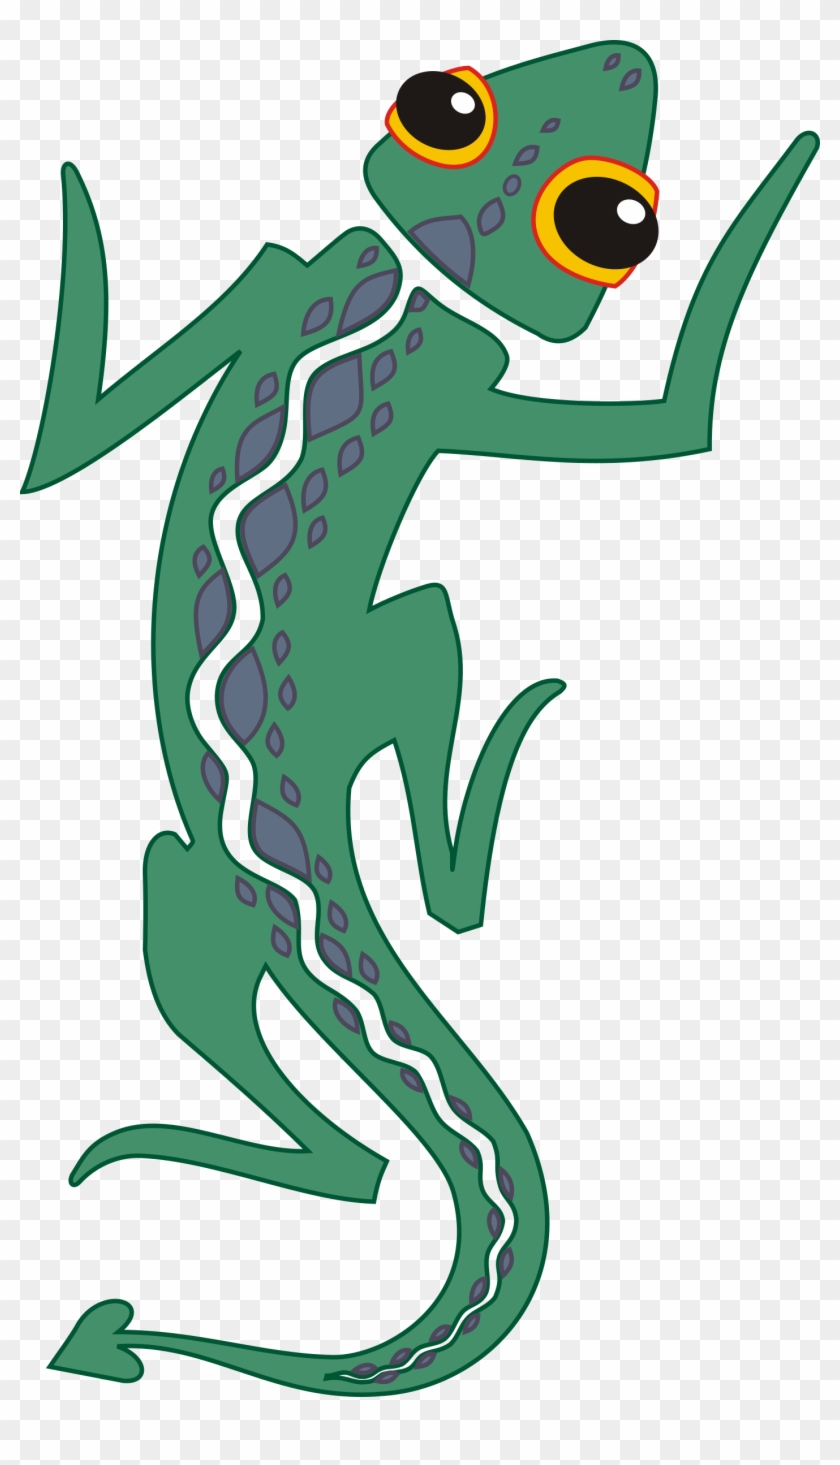 Artistic Green Lizard Clip Art - Cartoon Lizard Transparent Background #196224